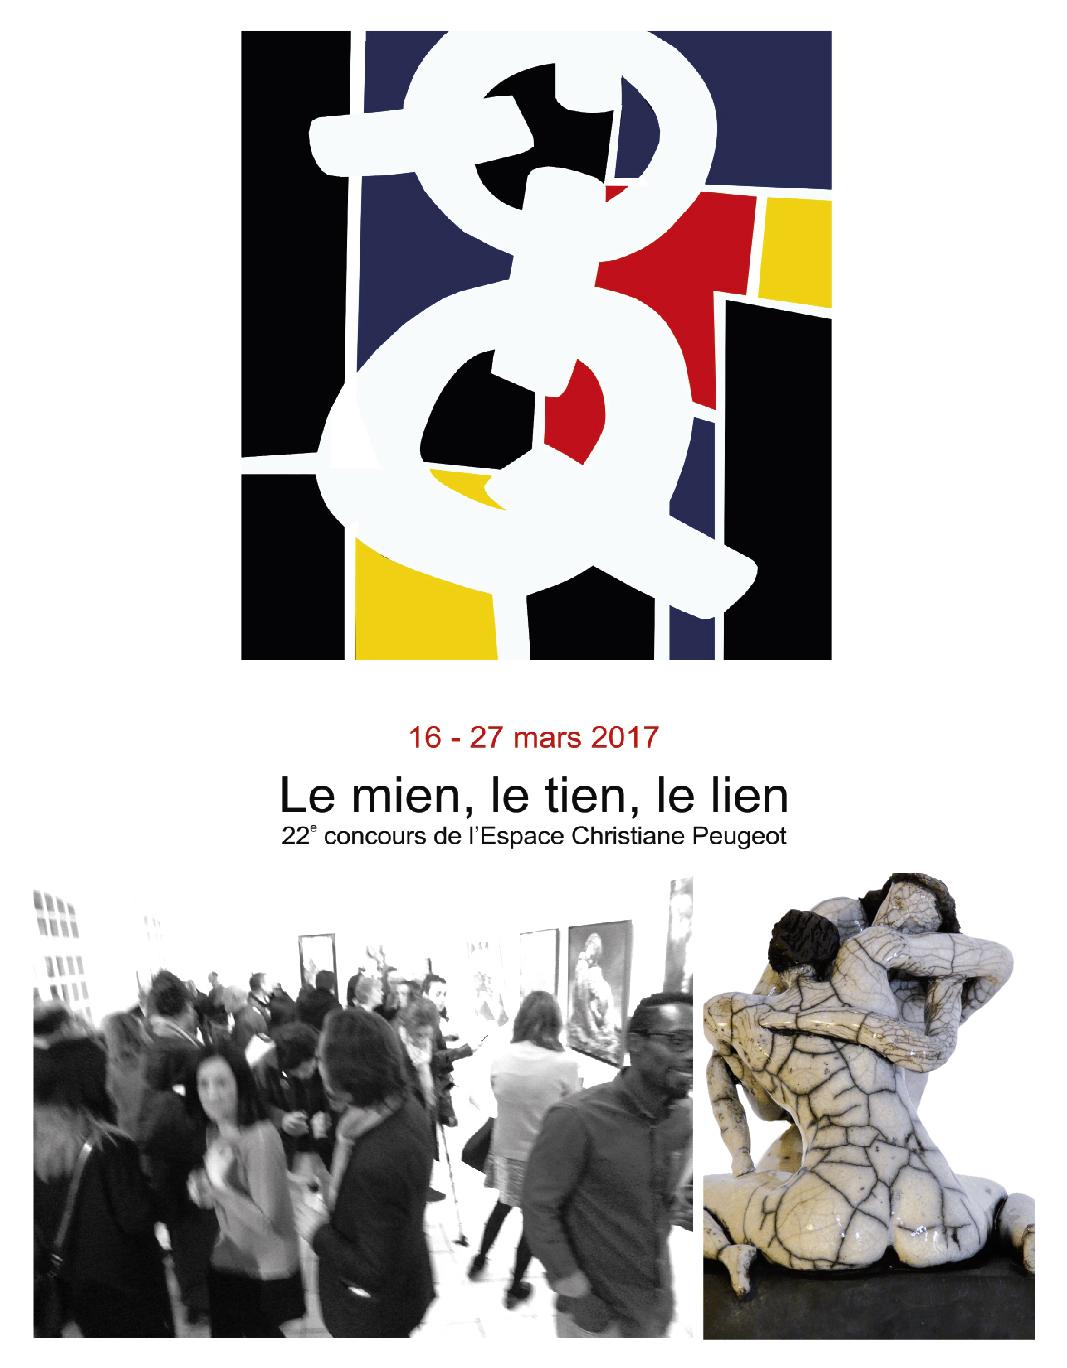 Le Tien Le Mien Le Lien 22nd Contest From Espace Christiane Peugeot Paris France Florence Lemiegre